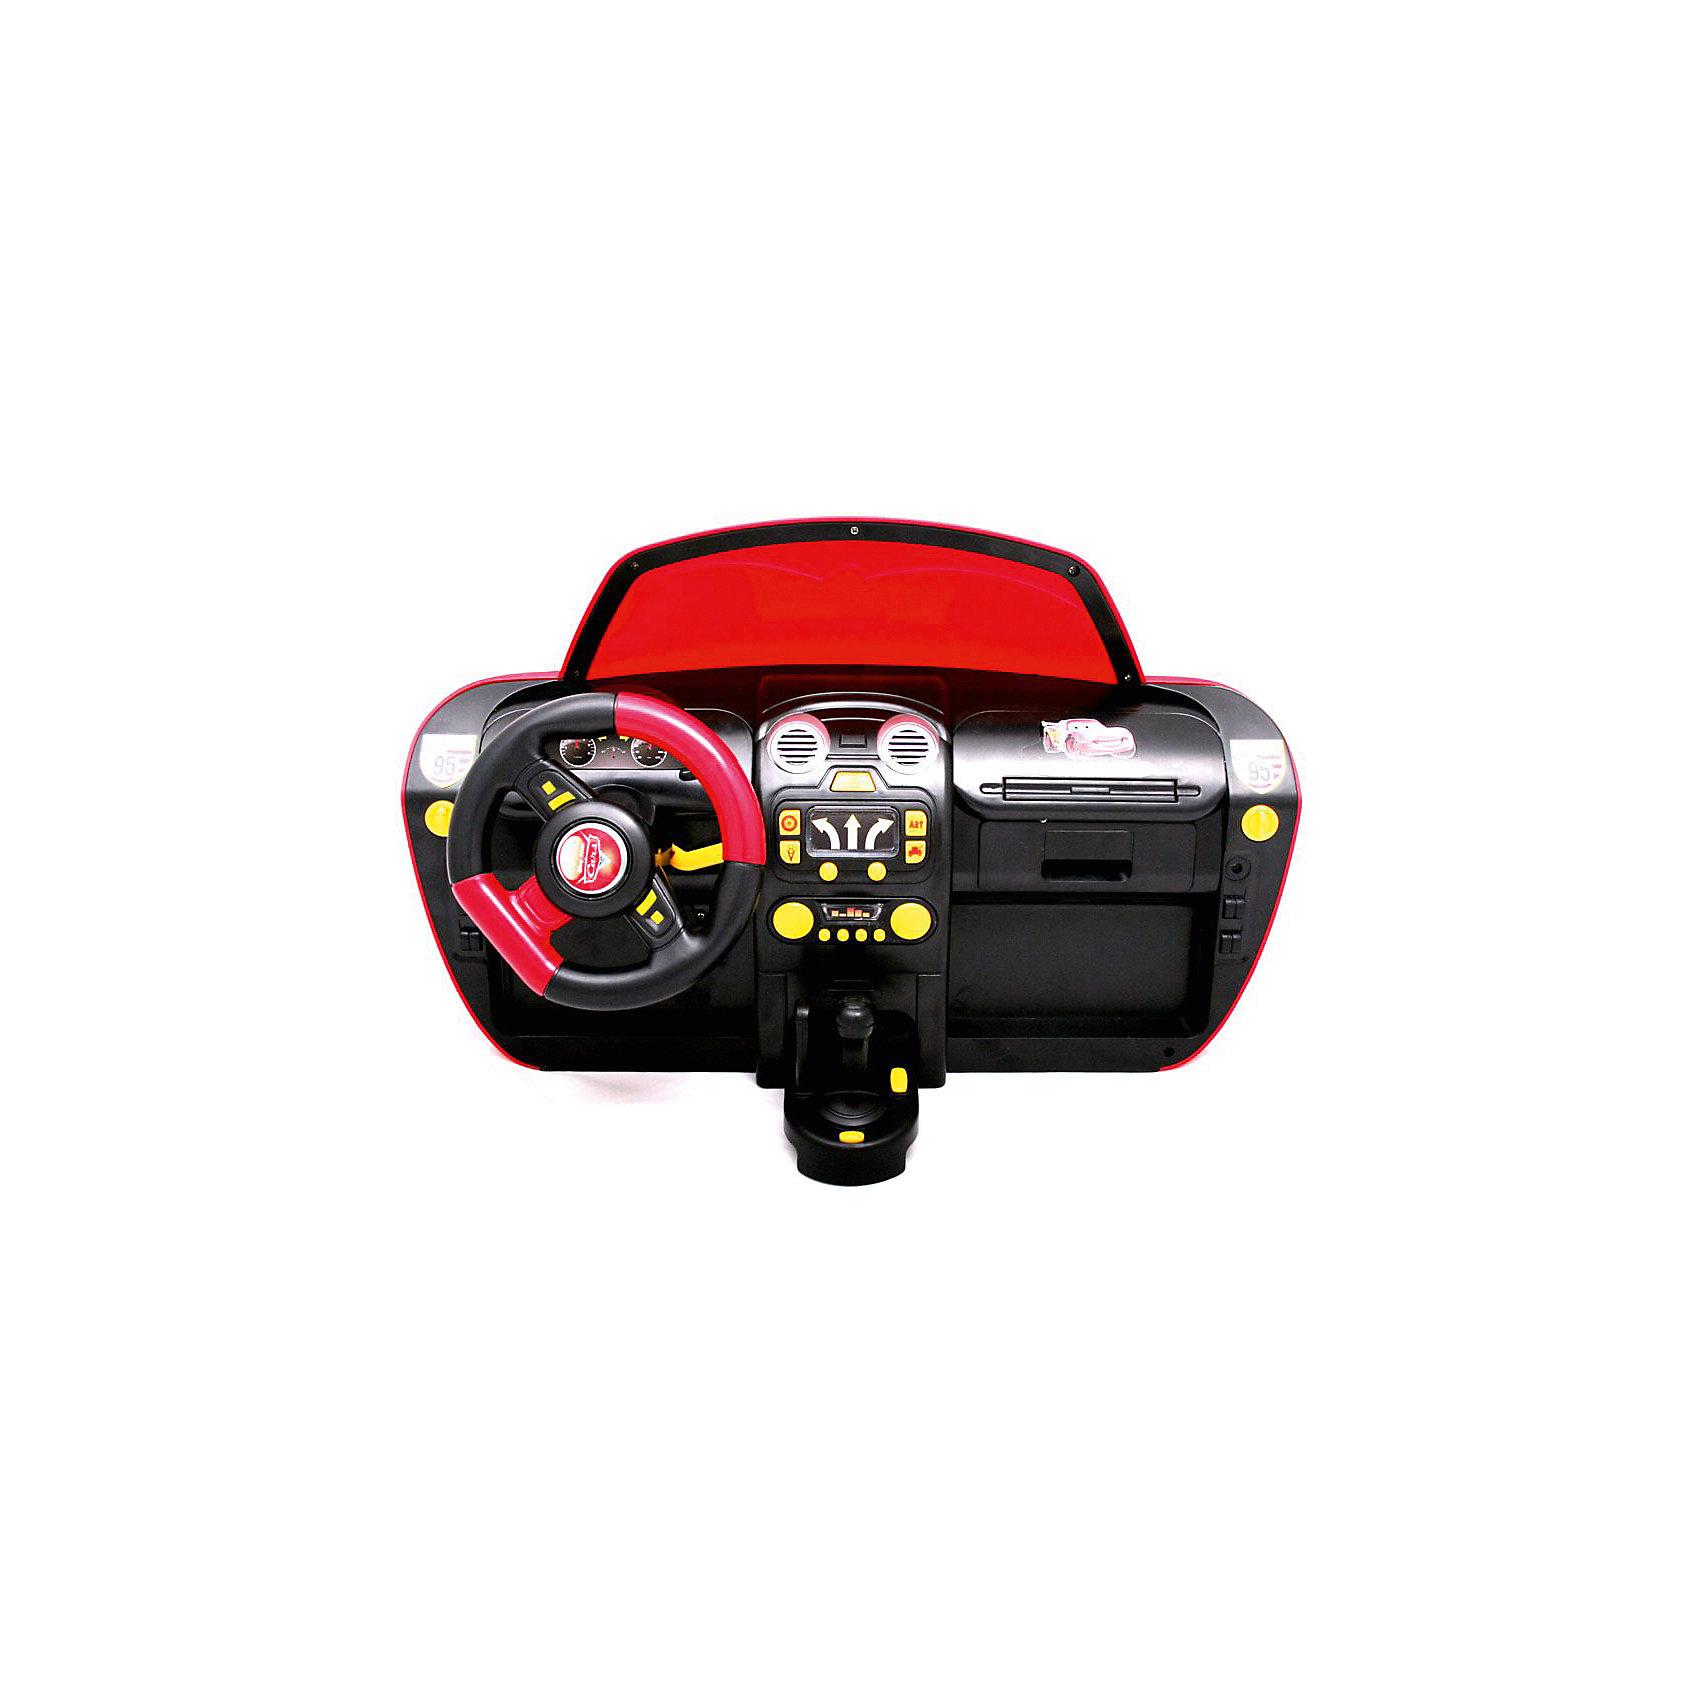 Модель машинки McQueen на батарейках, MaistoЭлектронный руль McQueen это яркий симулятор вождения для маленьких автолюбителей и начинающих гонщиков. Панель украшена персонажами мультфильма Тачки-2. В центре расположен руль, который крутится в разные стороны, а также различные рычаги, кнопки включения ночного освещения, аварийного освещения, запуска двигателя, ускорения, спортивного сигнала и кондиционера. Использование всех элементов управления сопровождается световыми и звуковыми эффектами, имитирующими управление автомобиля.<br><br>Дополнительная информация:<br><br>- Размеры панели: 50 х 33 х 20 см<br>- Питание: 3 батарейки напряжением 1,5V типа D (в комплект не входят)<br>- Материал: пластик, металл<br>- Размеры упаковки: 65 x 22 x 33 см<br>- Вес в упаковке: 2,9 кг<br><br>Модель машинки McQueen на батарейках, Maisto можно купить в нашем интернет-магазине.<br><br>Ширина мм: 510<br>Глубина мм: 330<br>Высота мм: 210<br>Вес г: 2901<br>Возраст от месяцев: 36<br>Возраст до месяцев: 96<br>Пол: Мужской<br>Возраст: Детский<br>SKU: 4795906